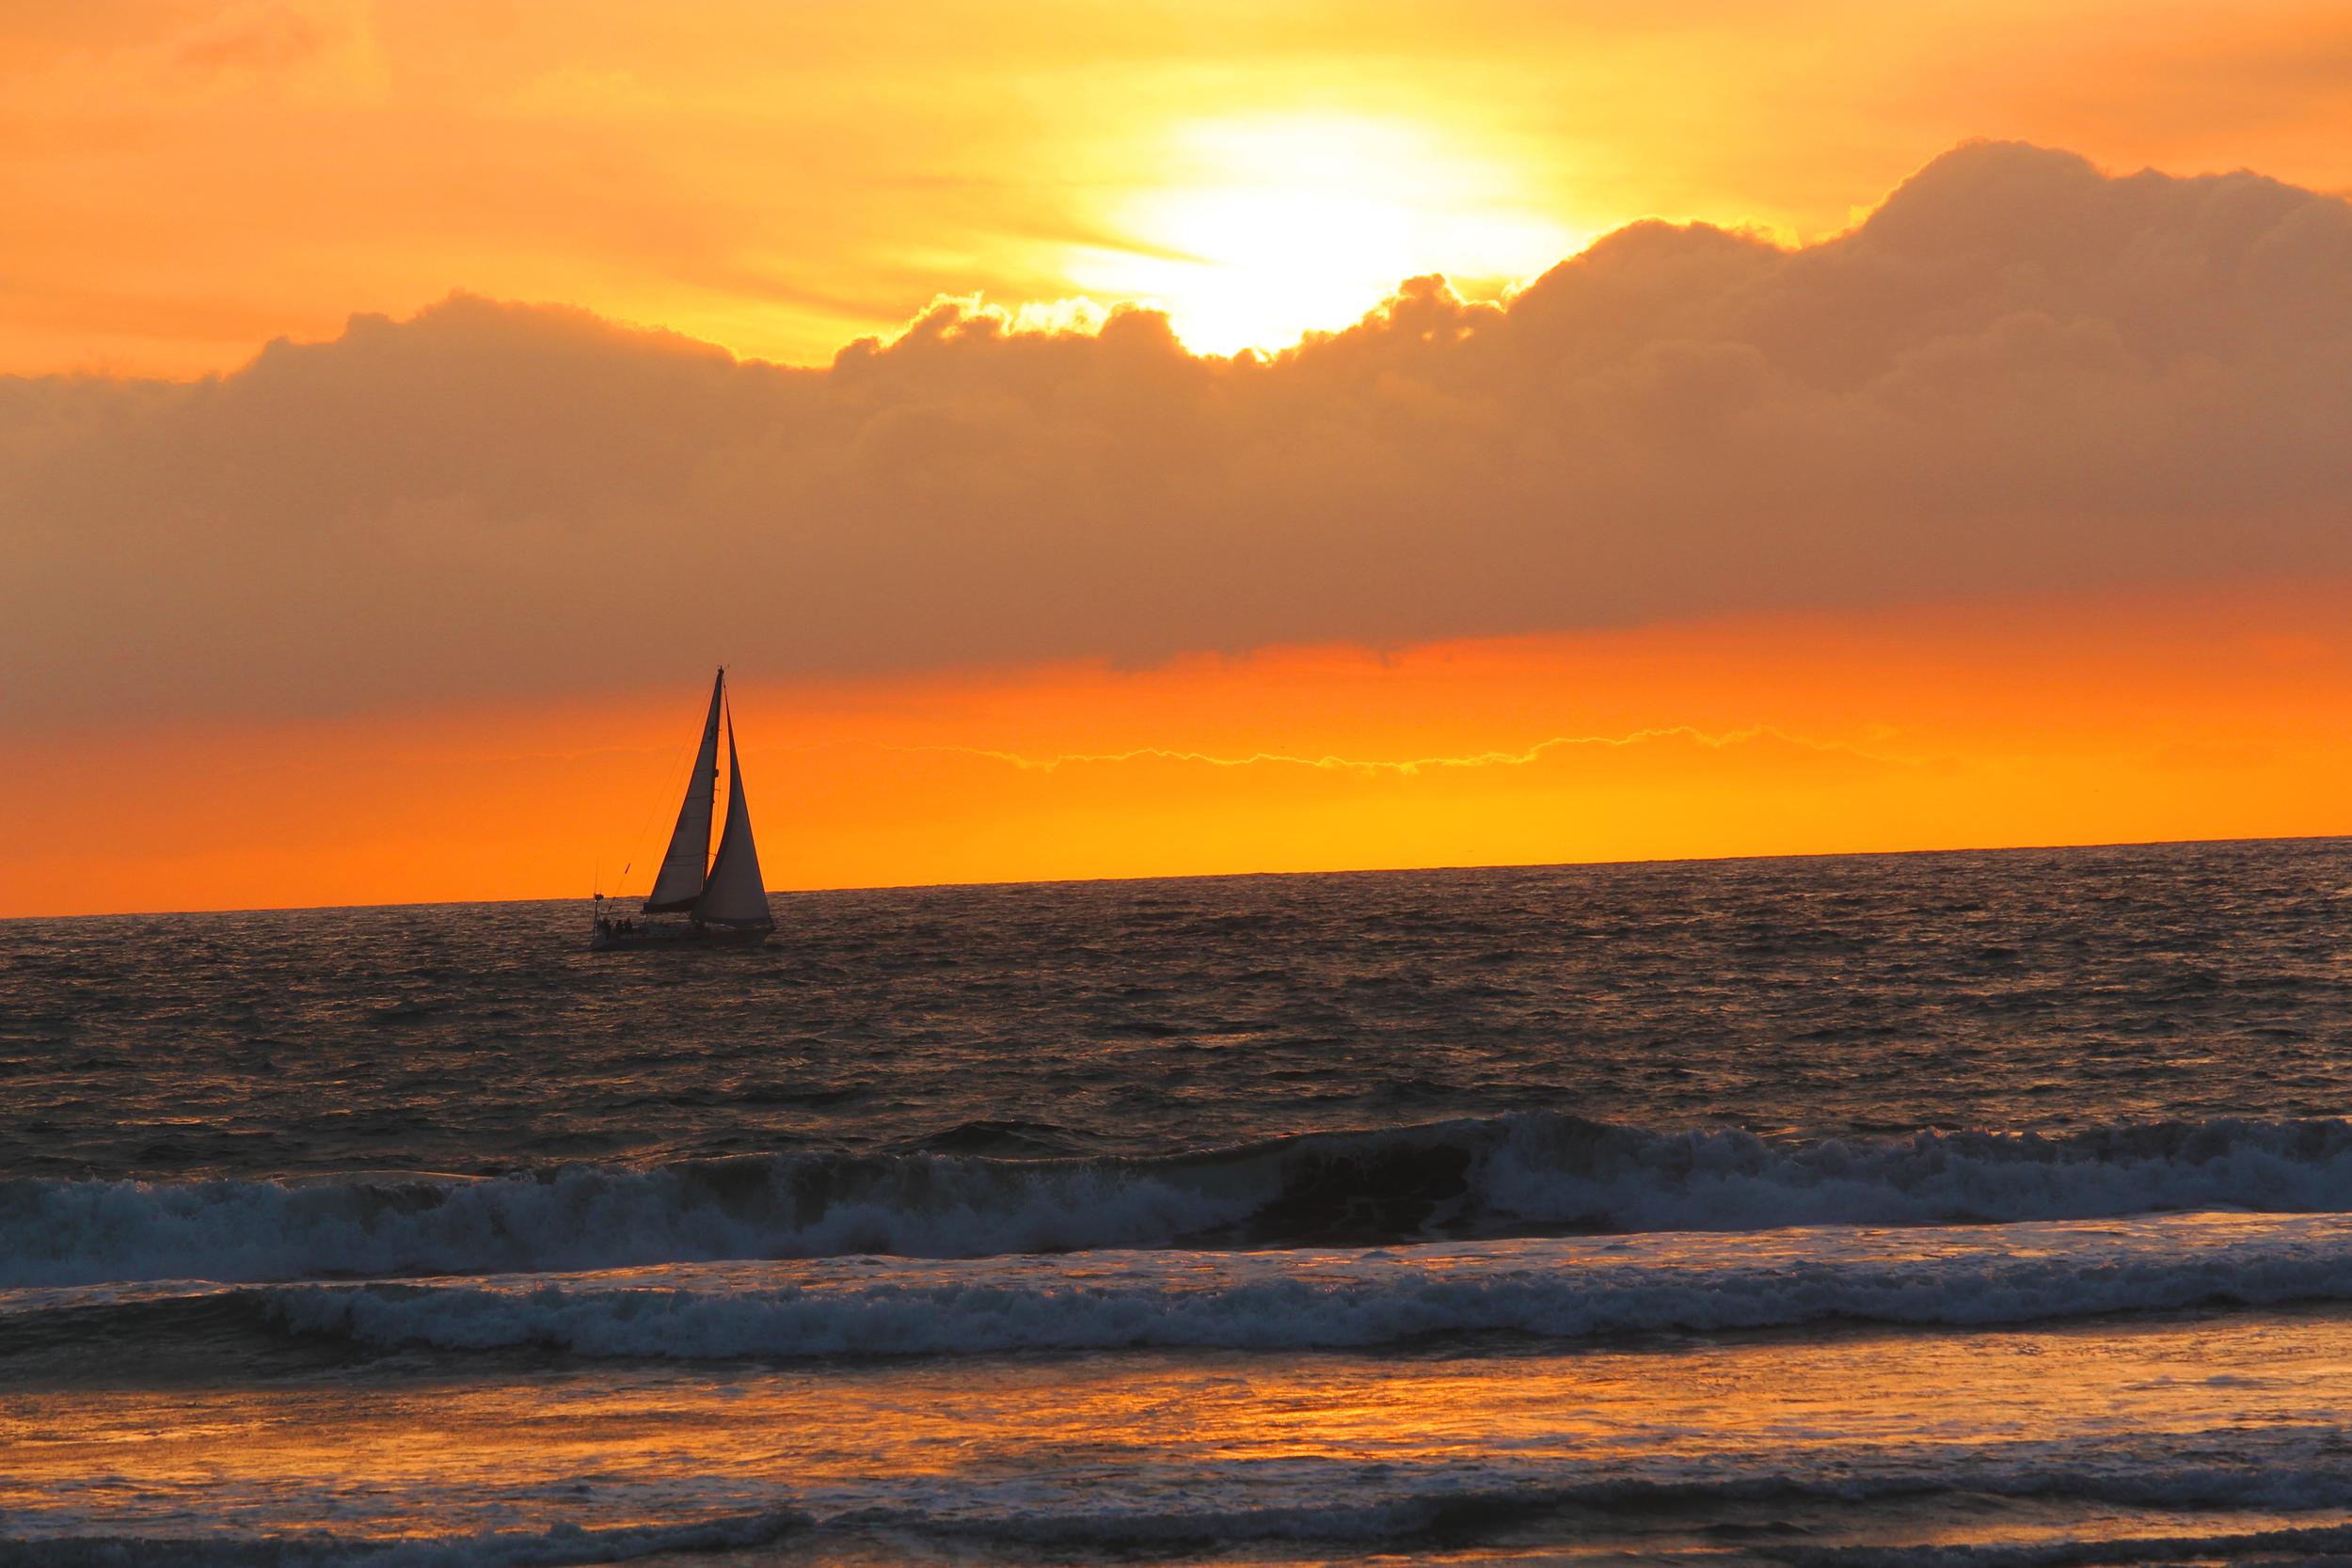 Sailboat at sunset!